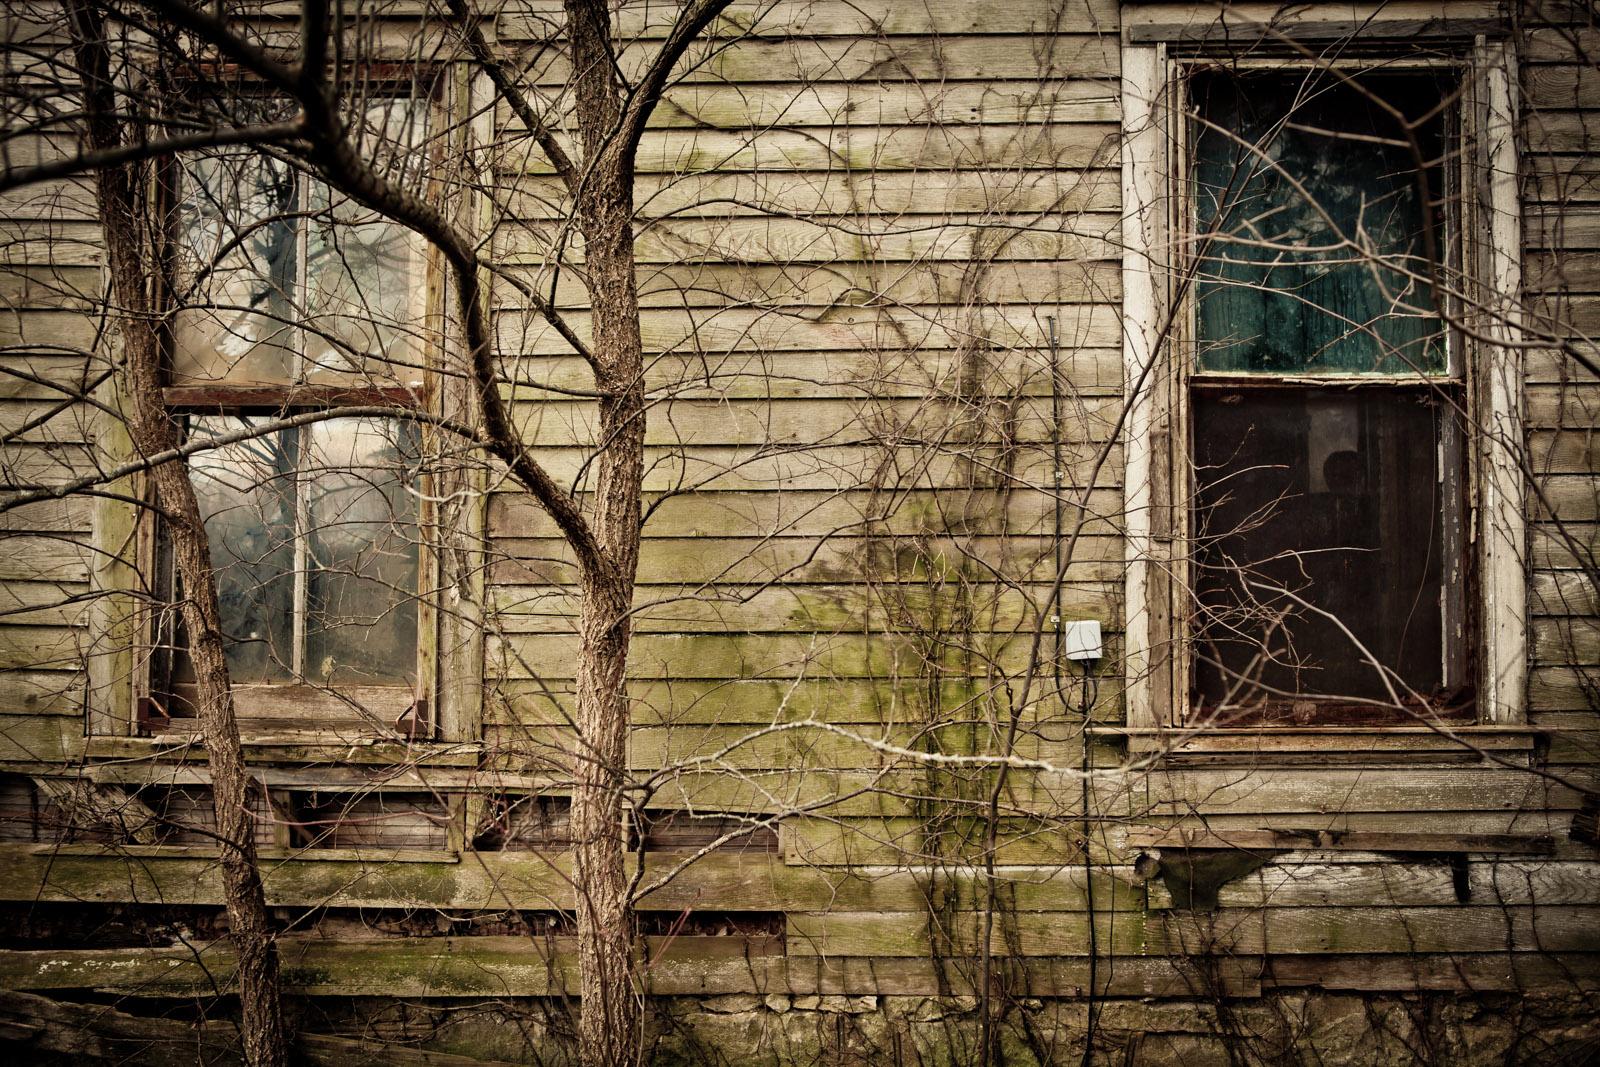 Mark_Nagel_Abandoned-28.jpg